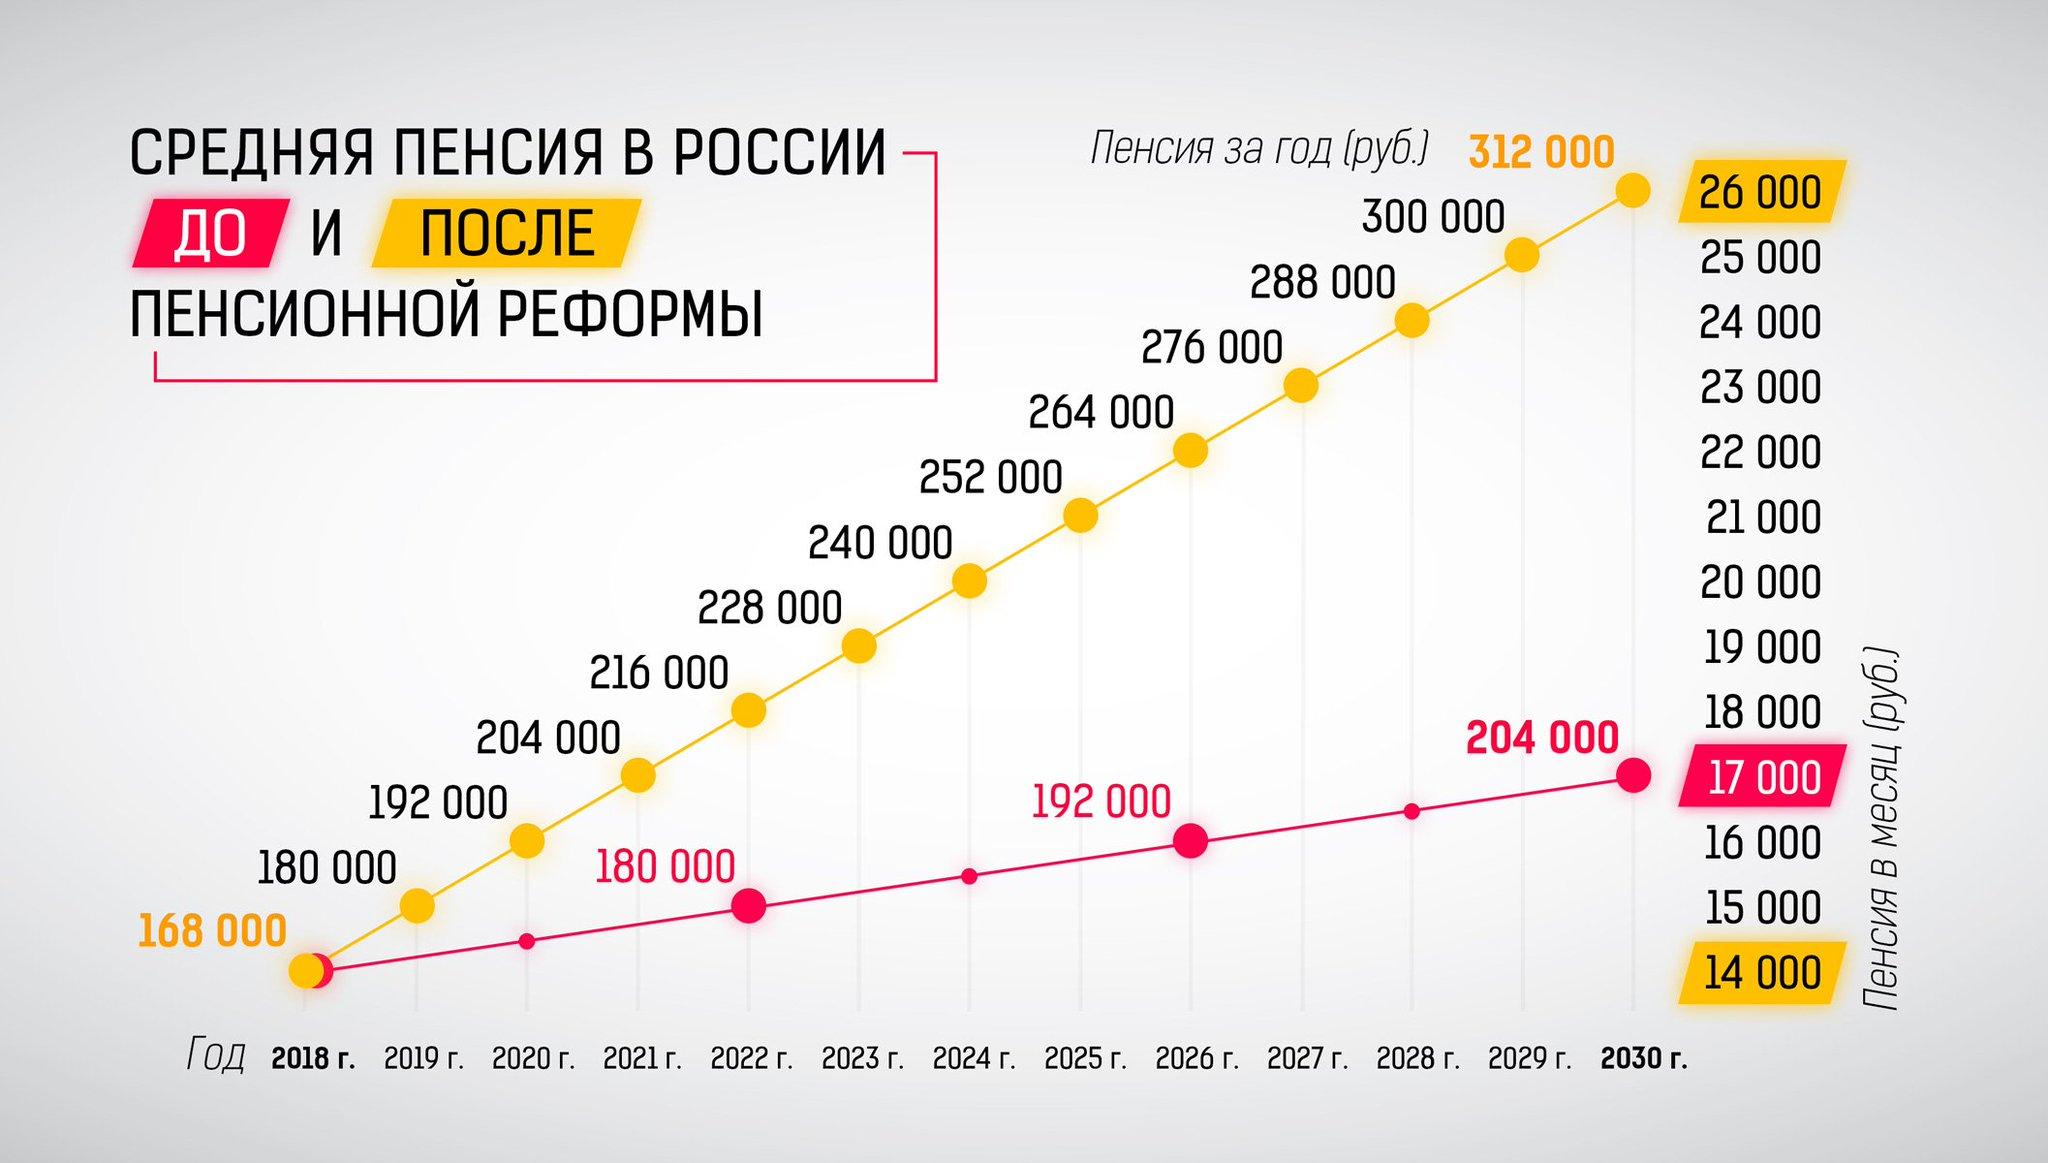 Пенсия РФ